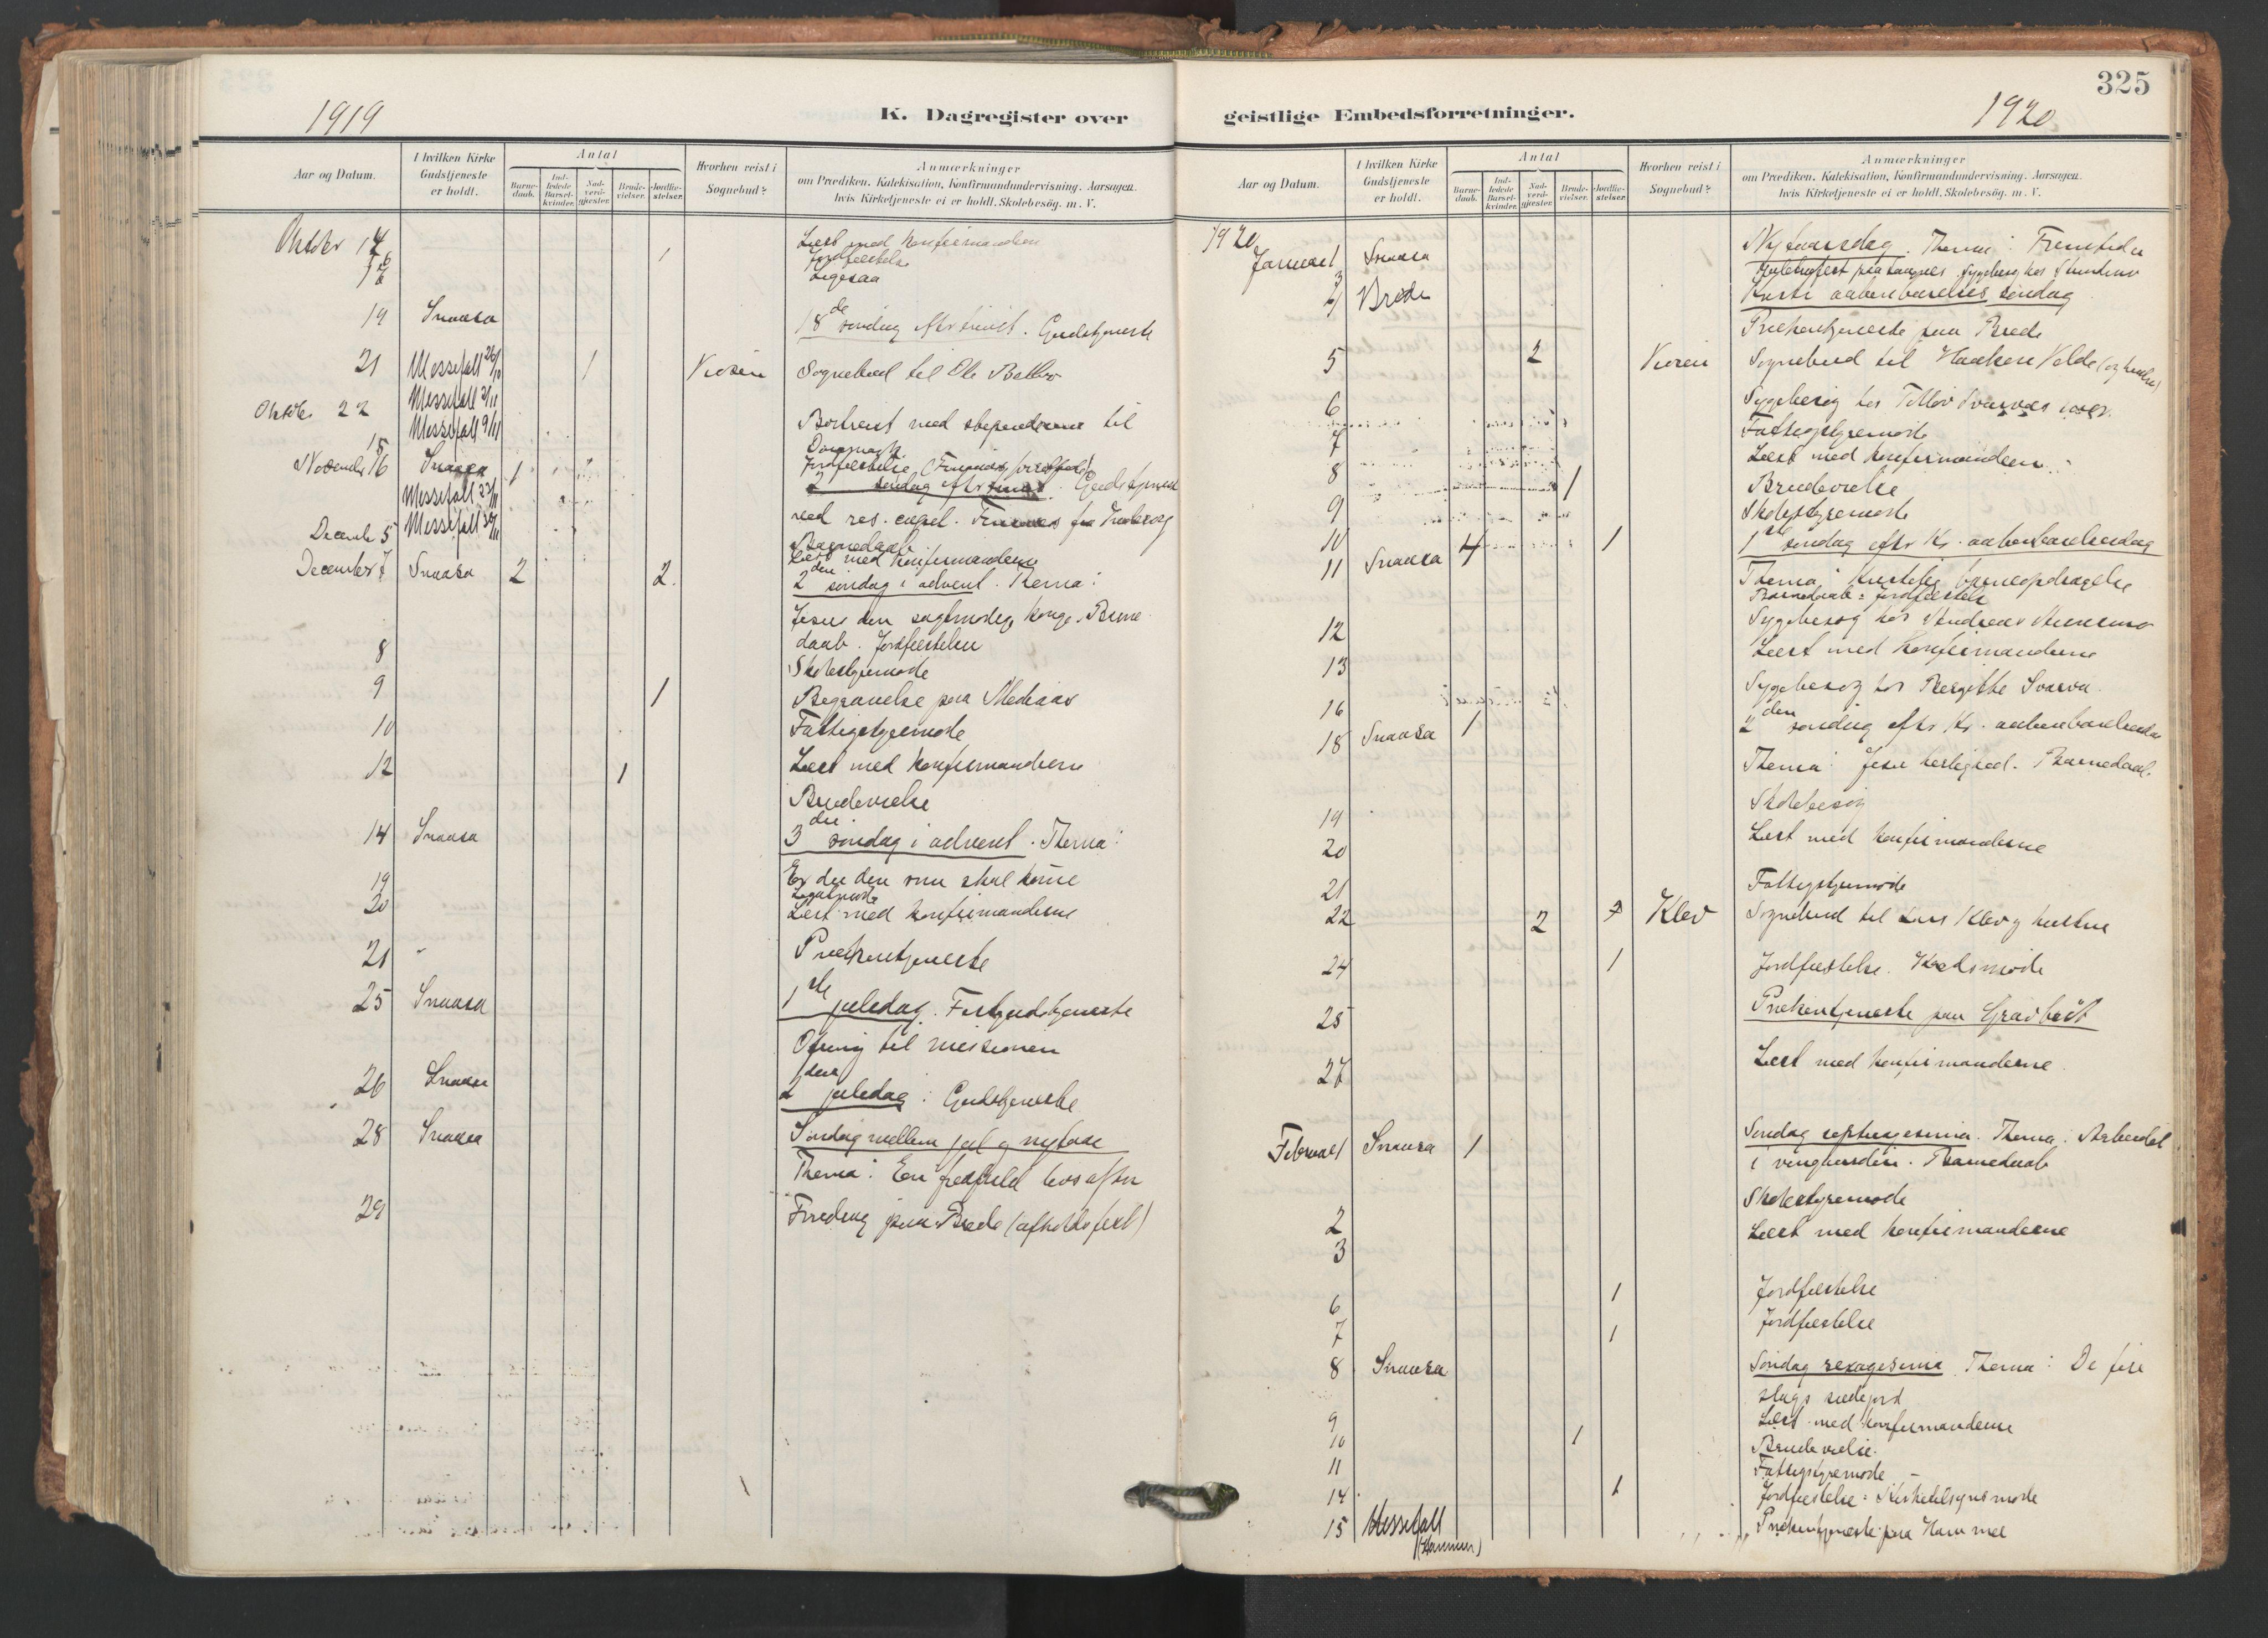 SAT, Ministerialprotokoller, klokkerbøker og fødselsregistre - Nord-Trøndelag, 749/L0477: Ministerialbok nr. 749A11, 1902-1927, s. 325